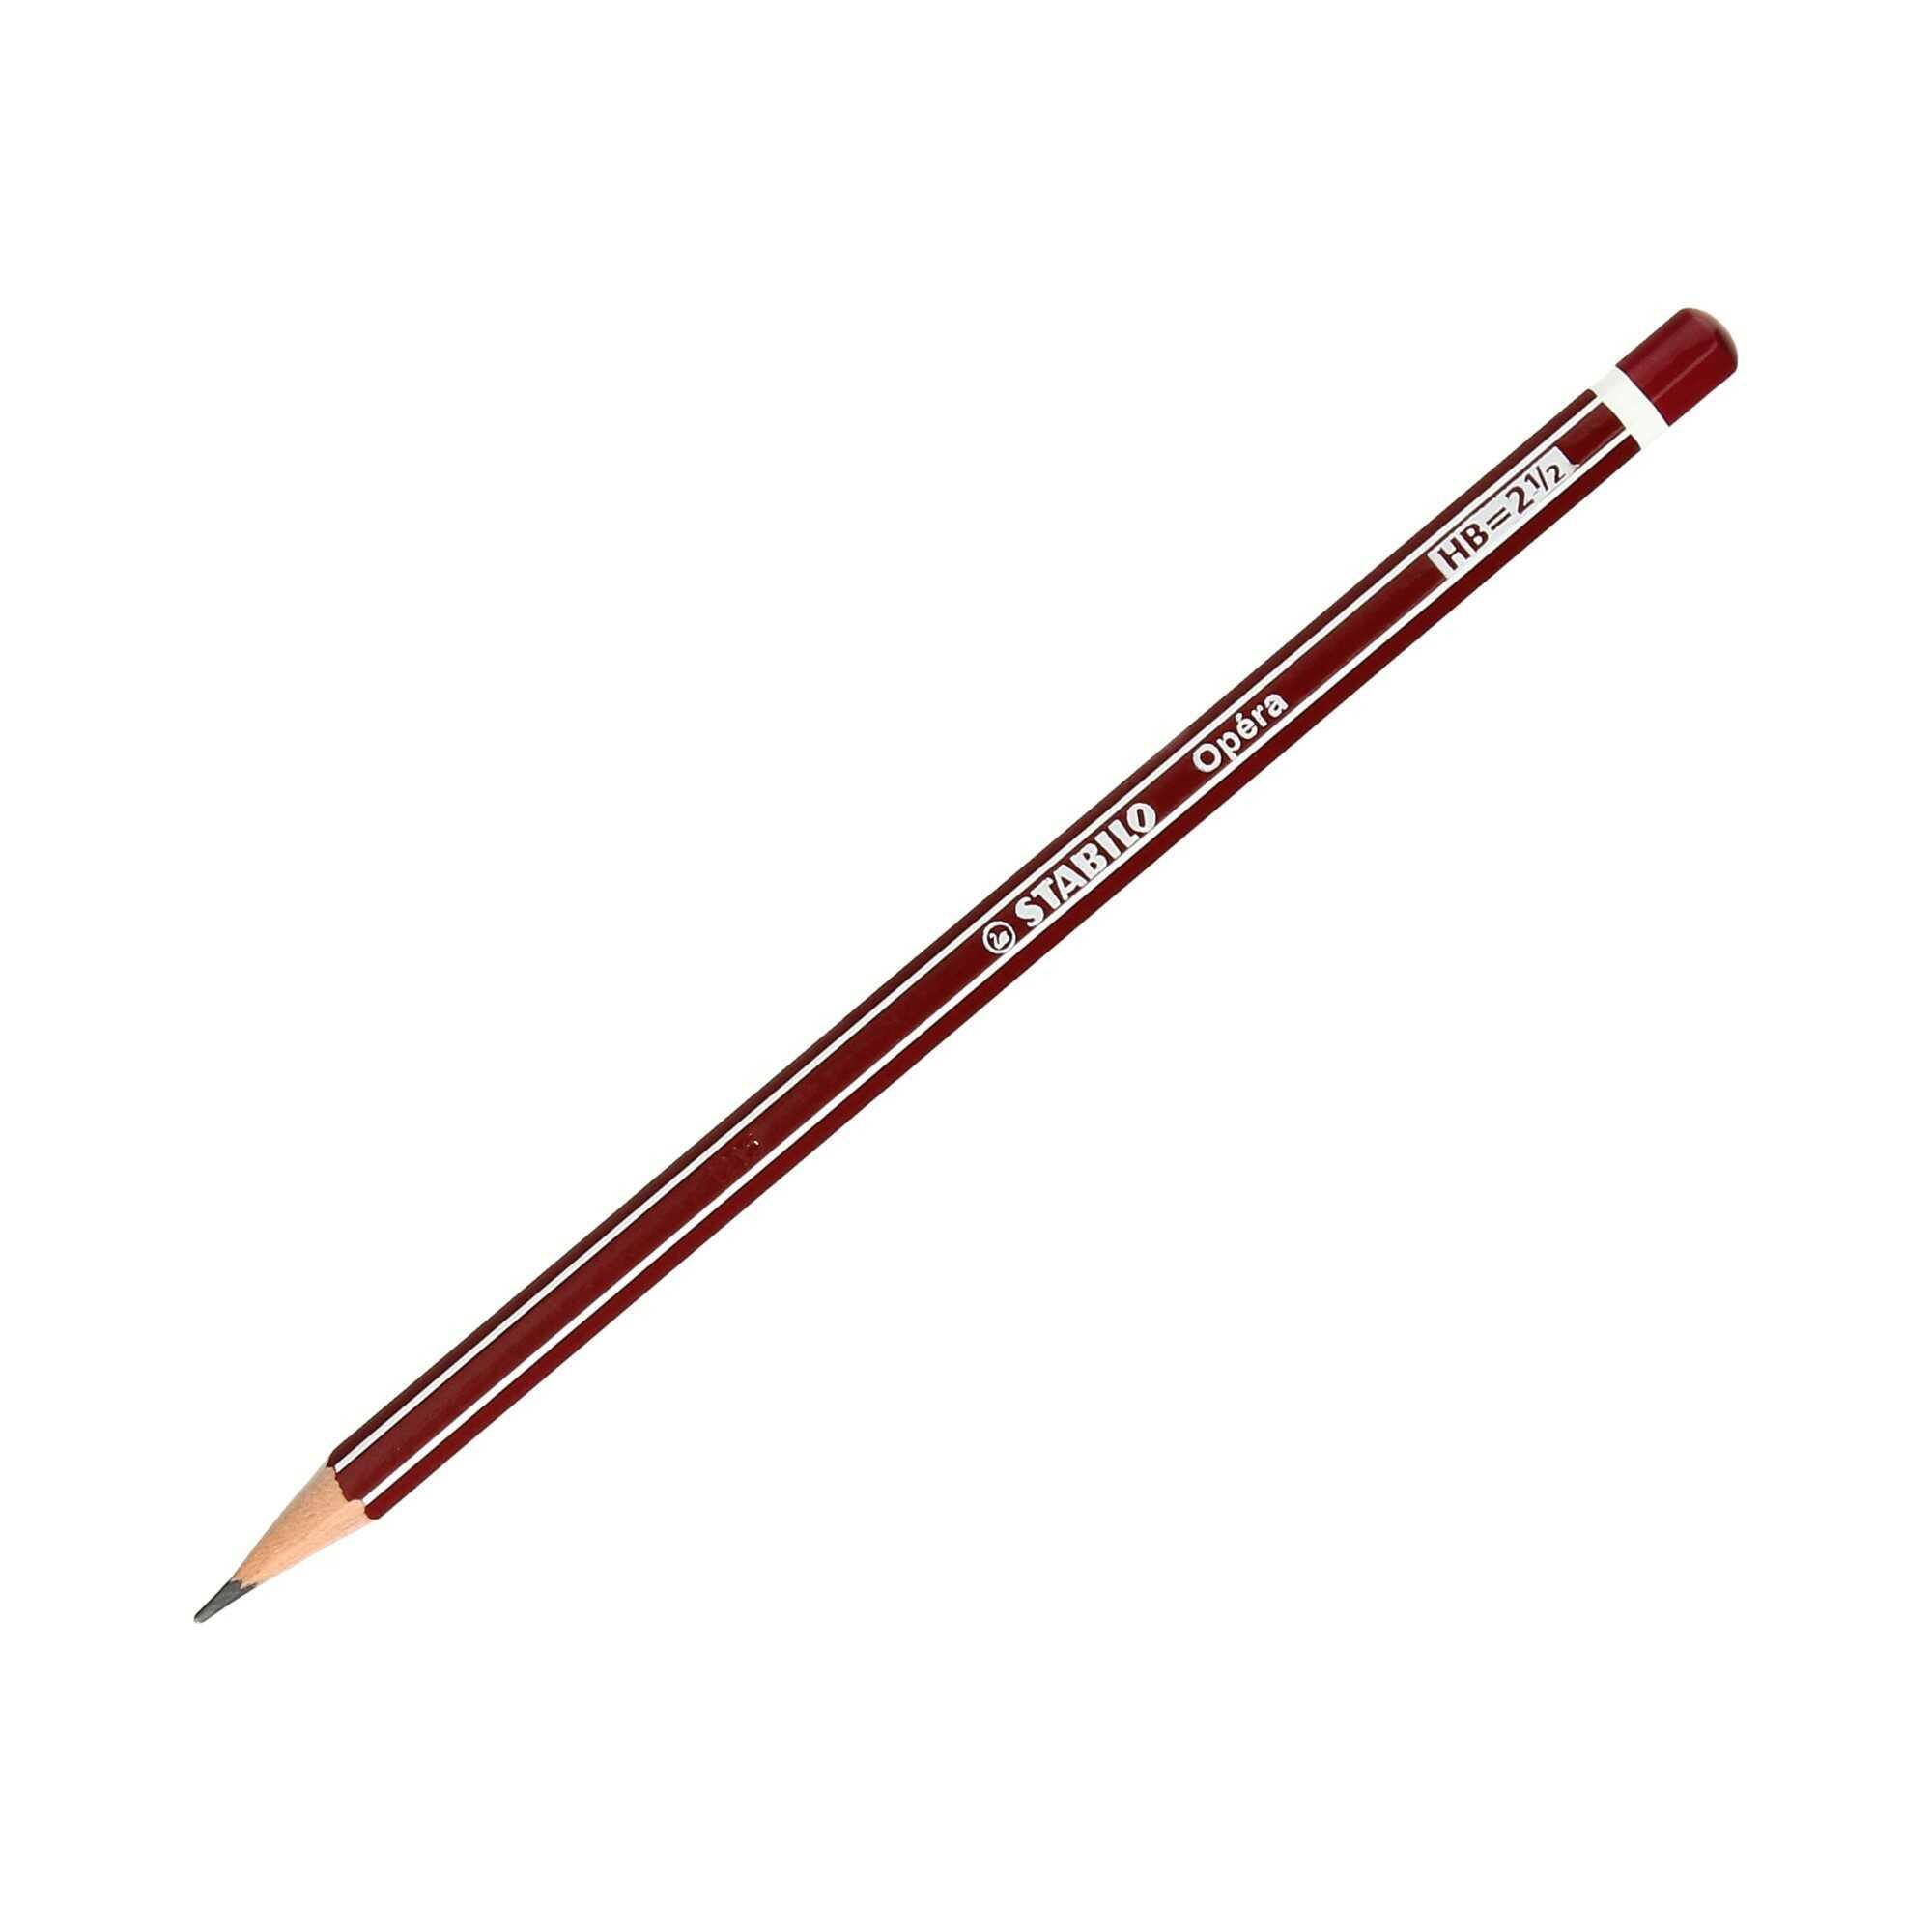 Ołówek techniczny HB b/g Opera Stabilo 285